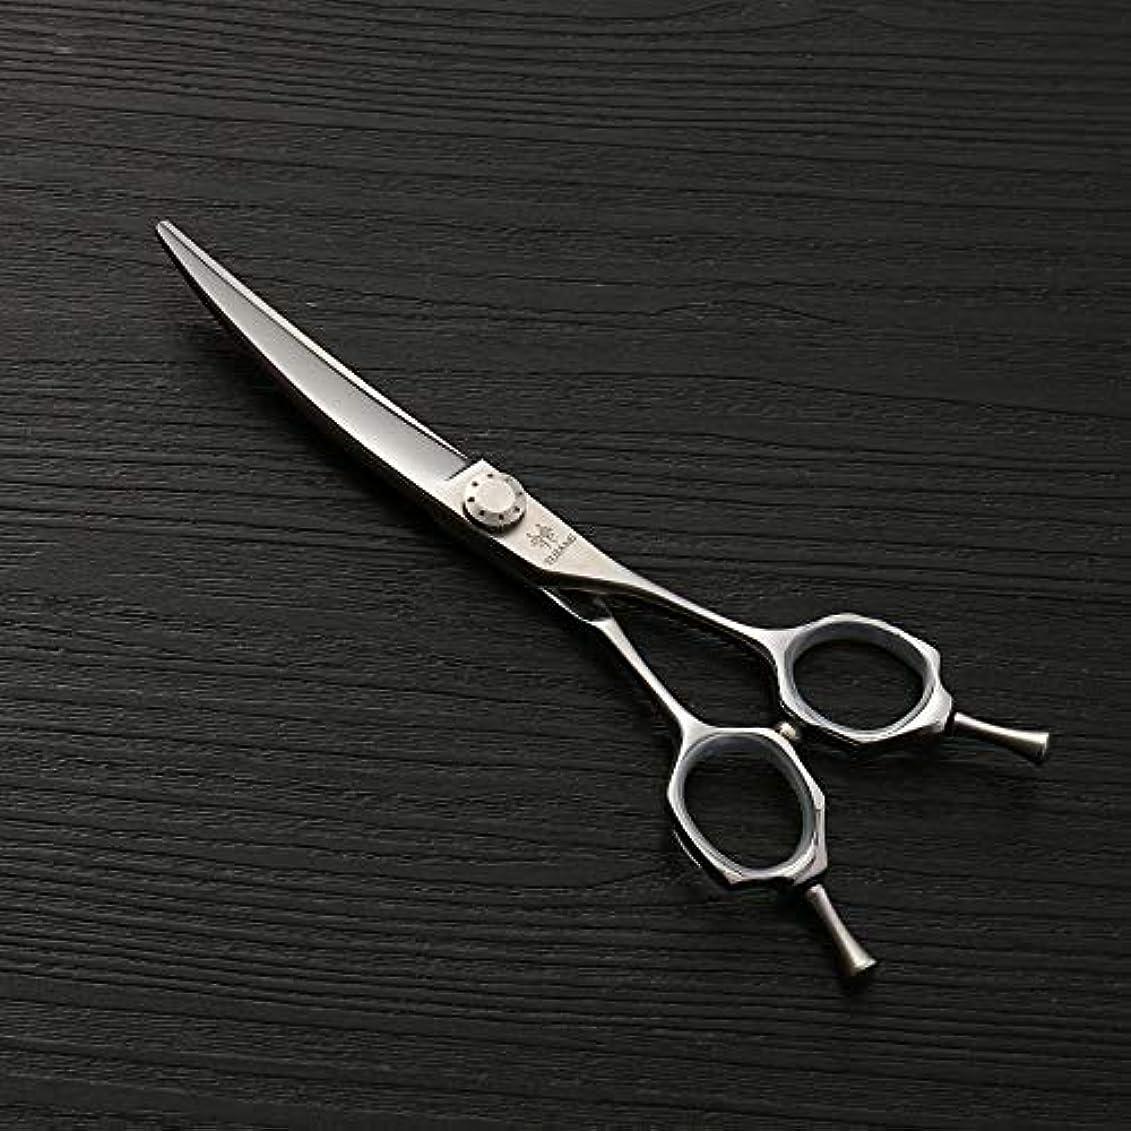 統合するインカ帝国卑しい440Cステンレス鋼理髪はさみ、6.0ファッション散髪はさみ、ヘアスタイリストの動向 ヘアケア (色 : Silver)